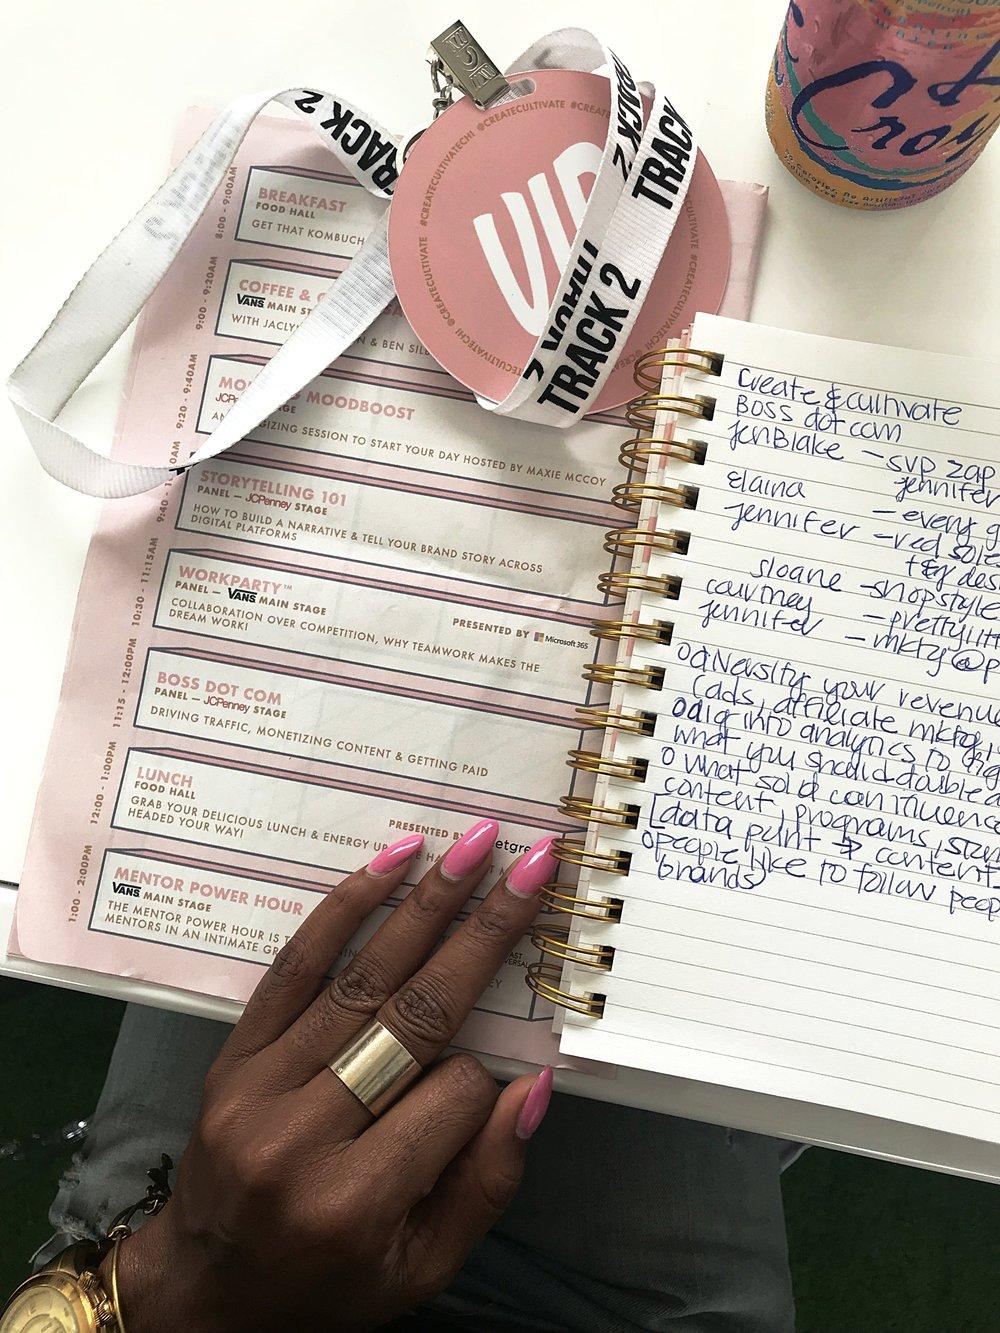 #7 - Take notes